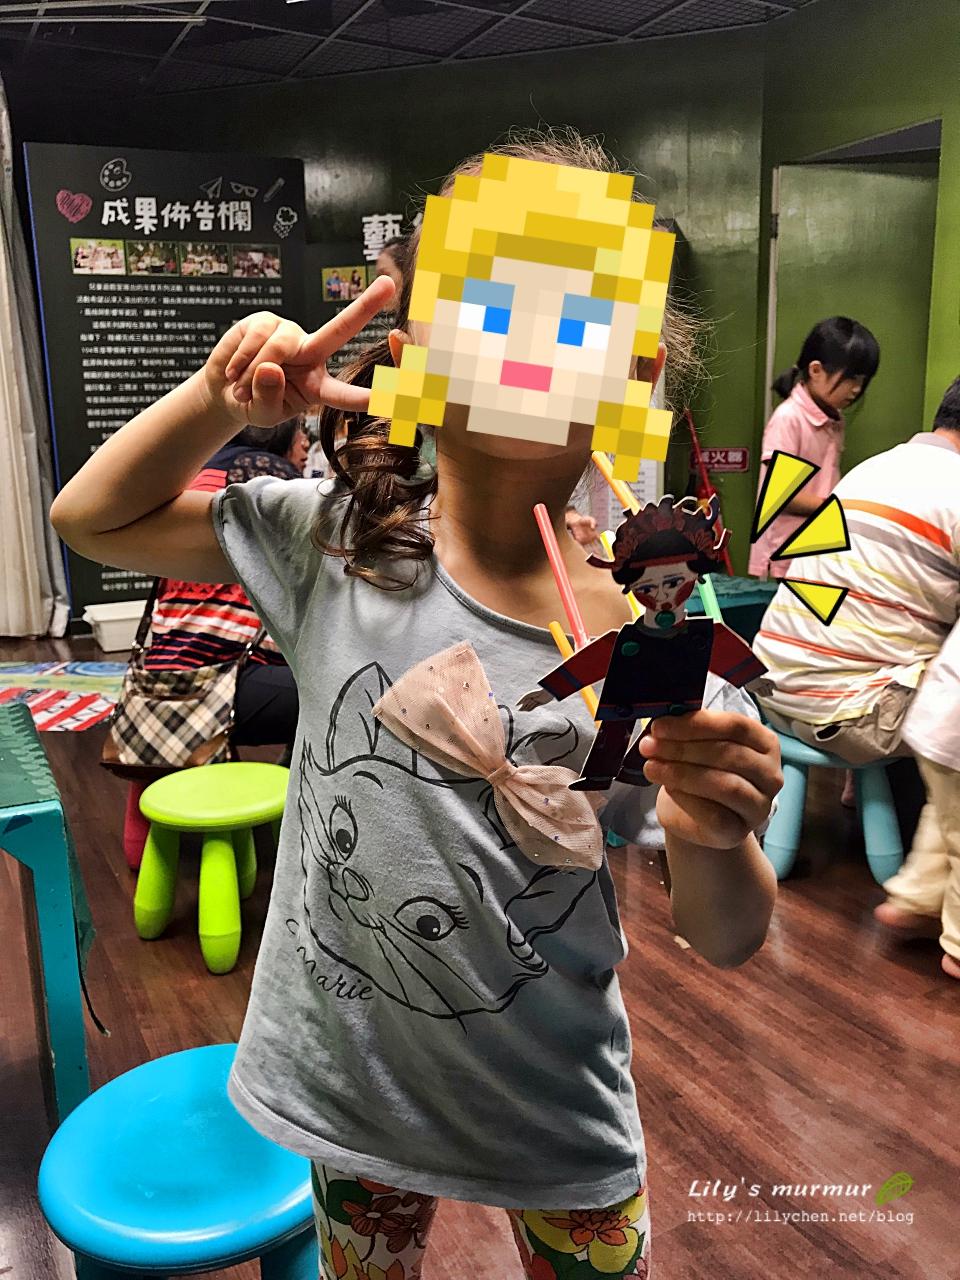 讓小孩參與做出關節可動的紙偶,小妮很有成就感!